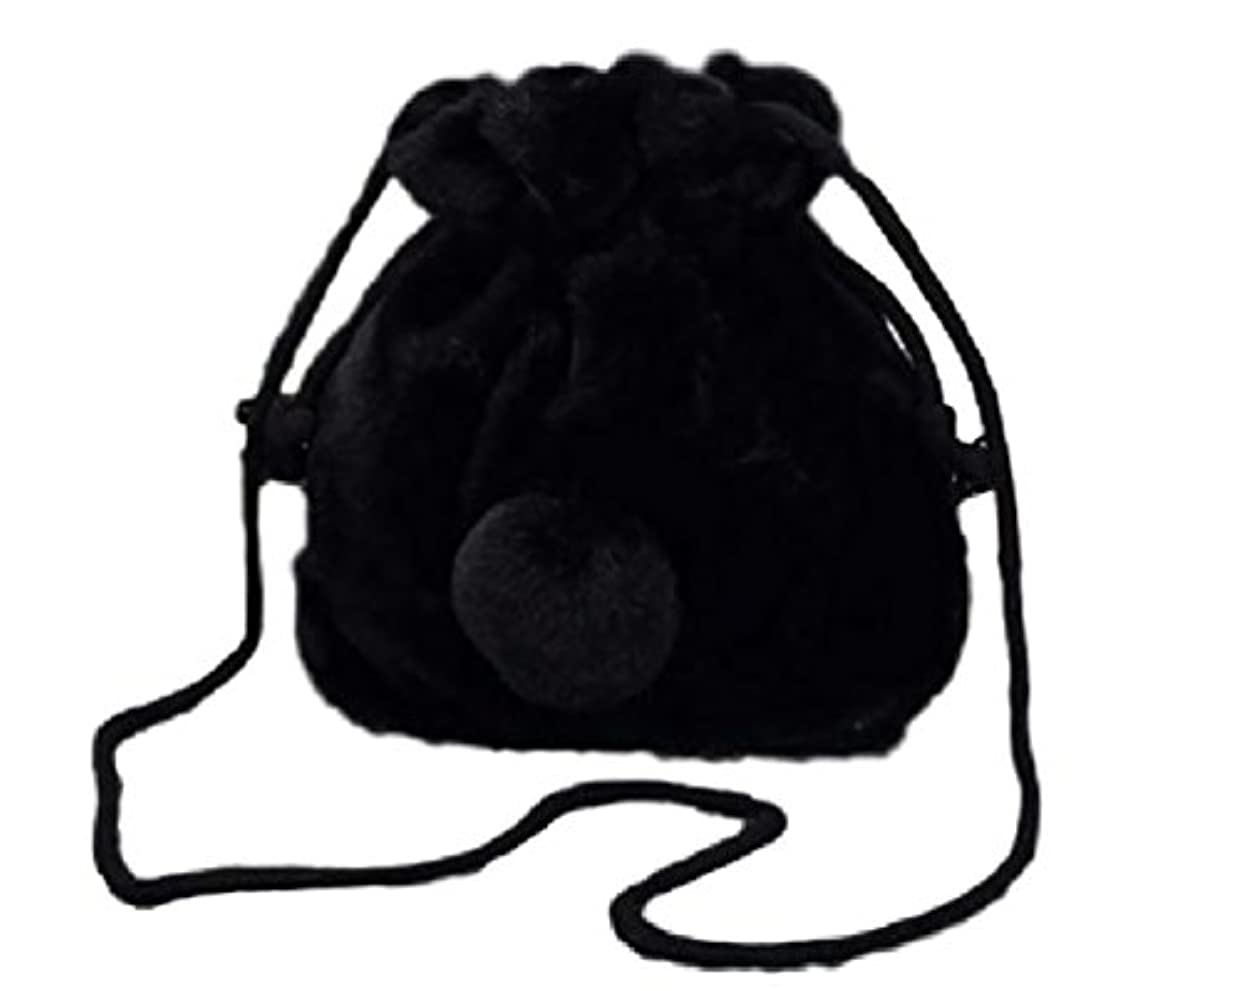 被るアフリカ人アセンブリ[ルビタス] うさぎ 風 メイク 化粧 コスメ 小型 ポーチ バック バッグ ケース ボックス 巾着